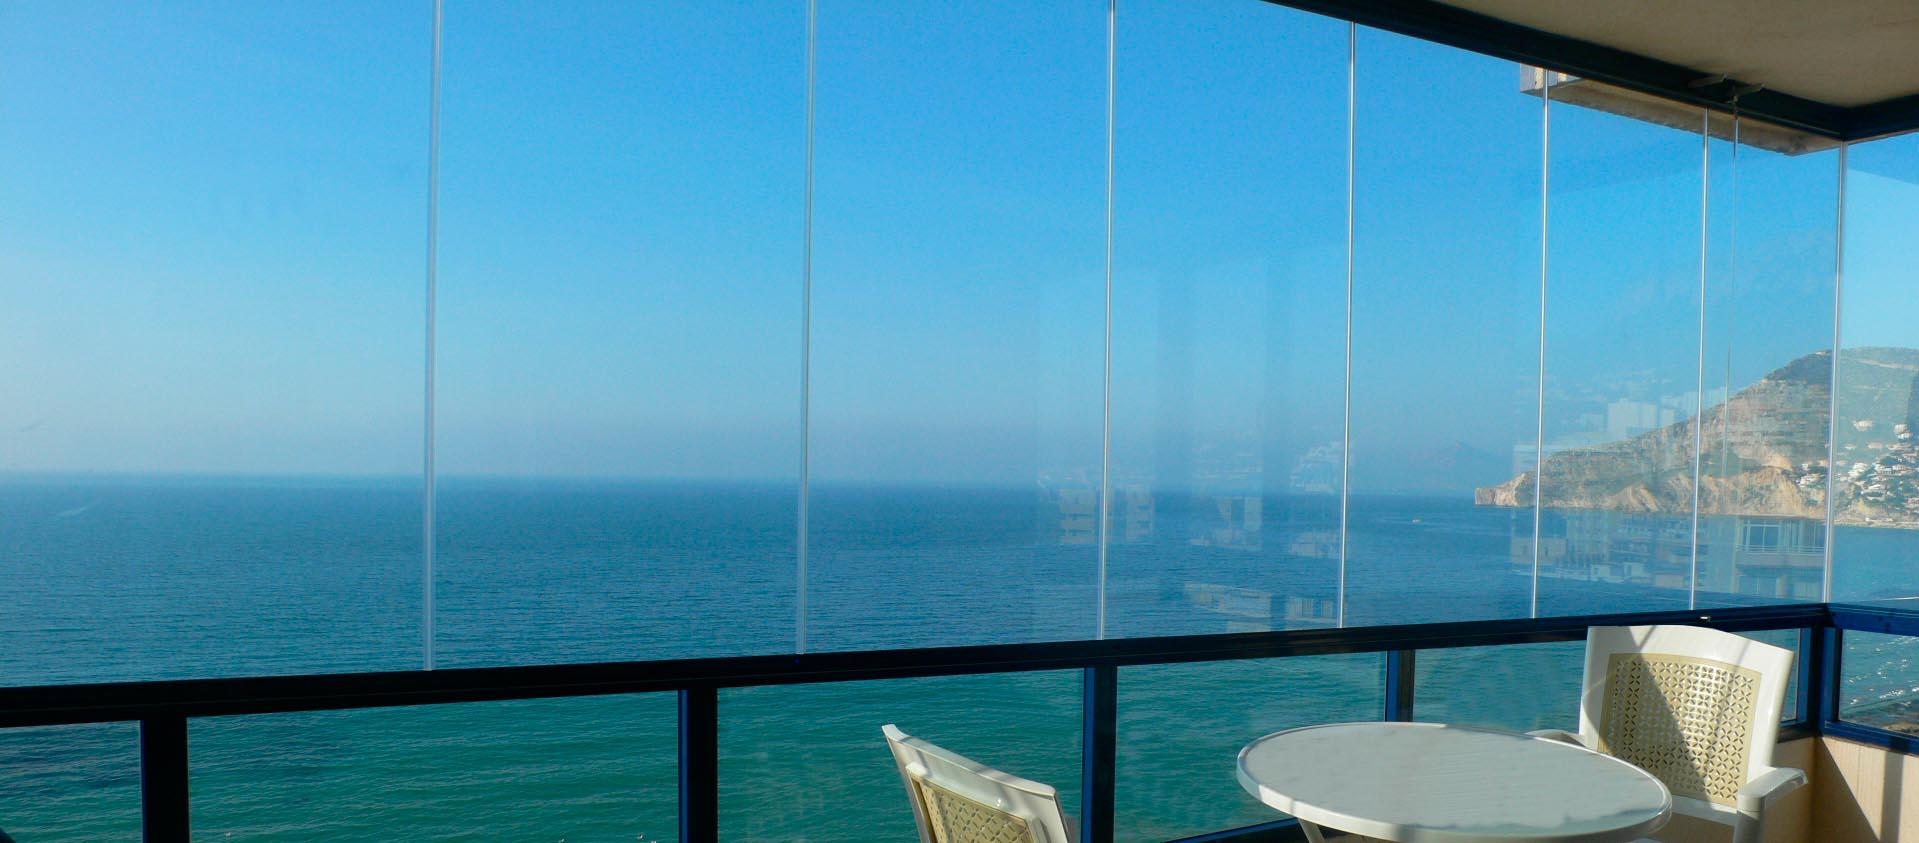 vetrata panoramica al mare